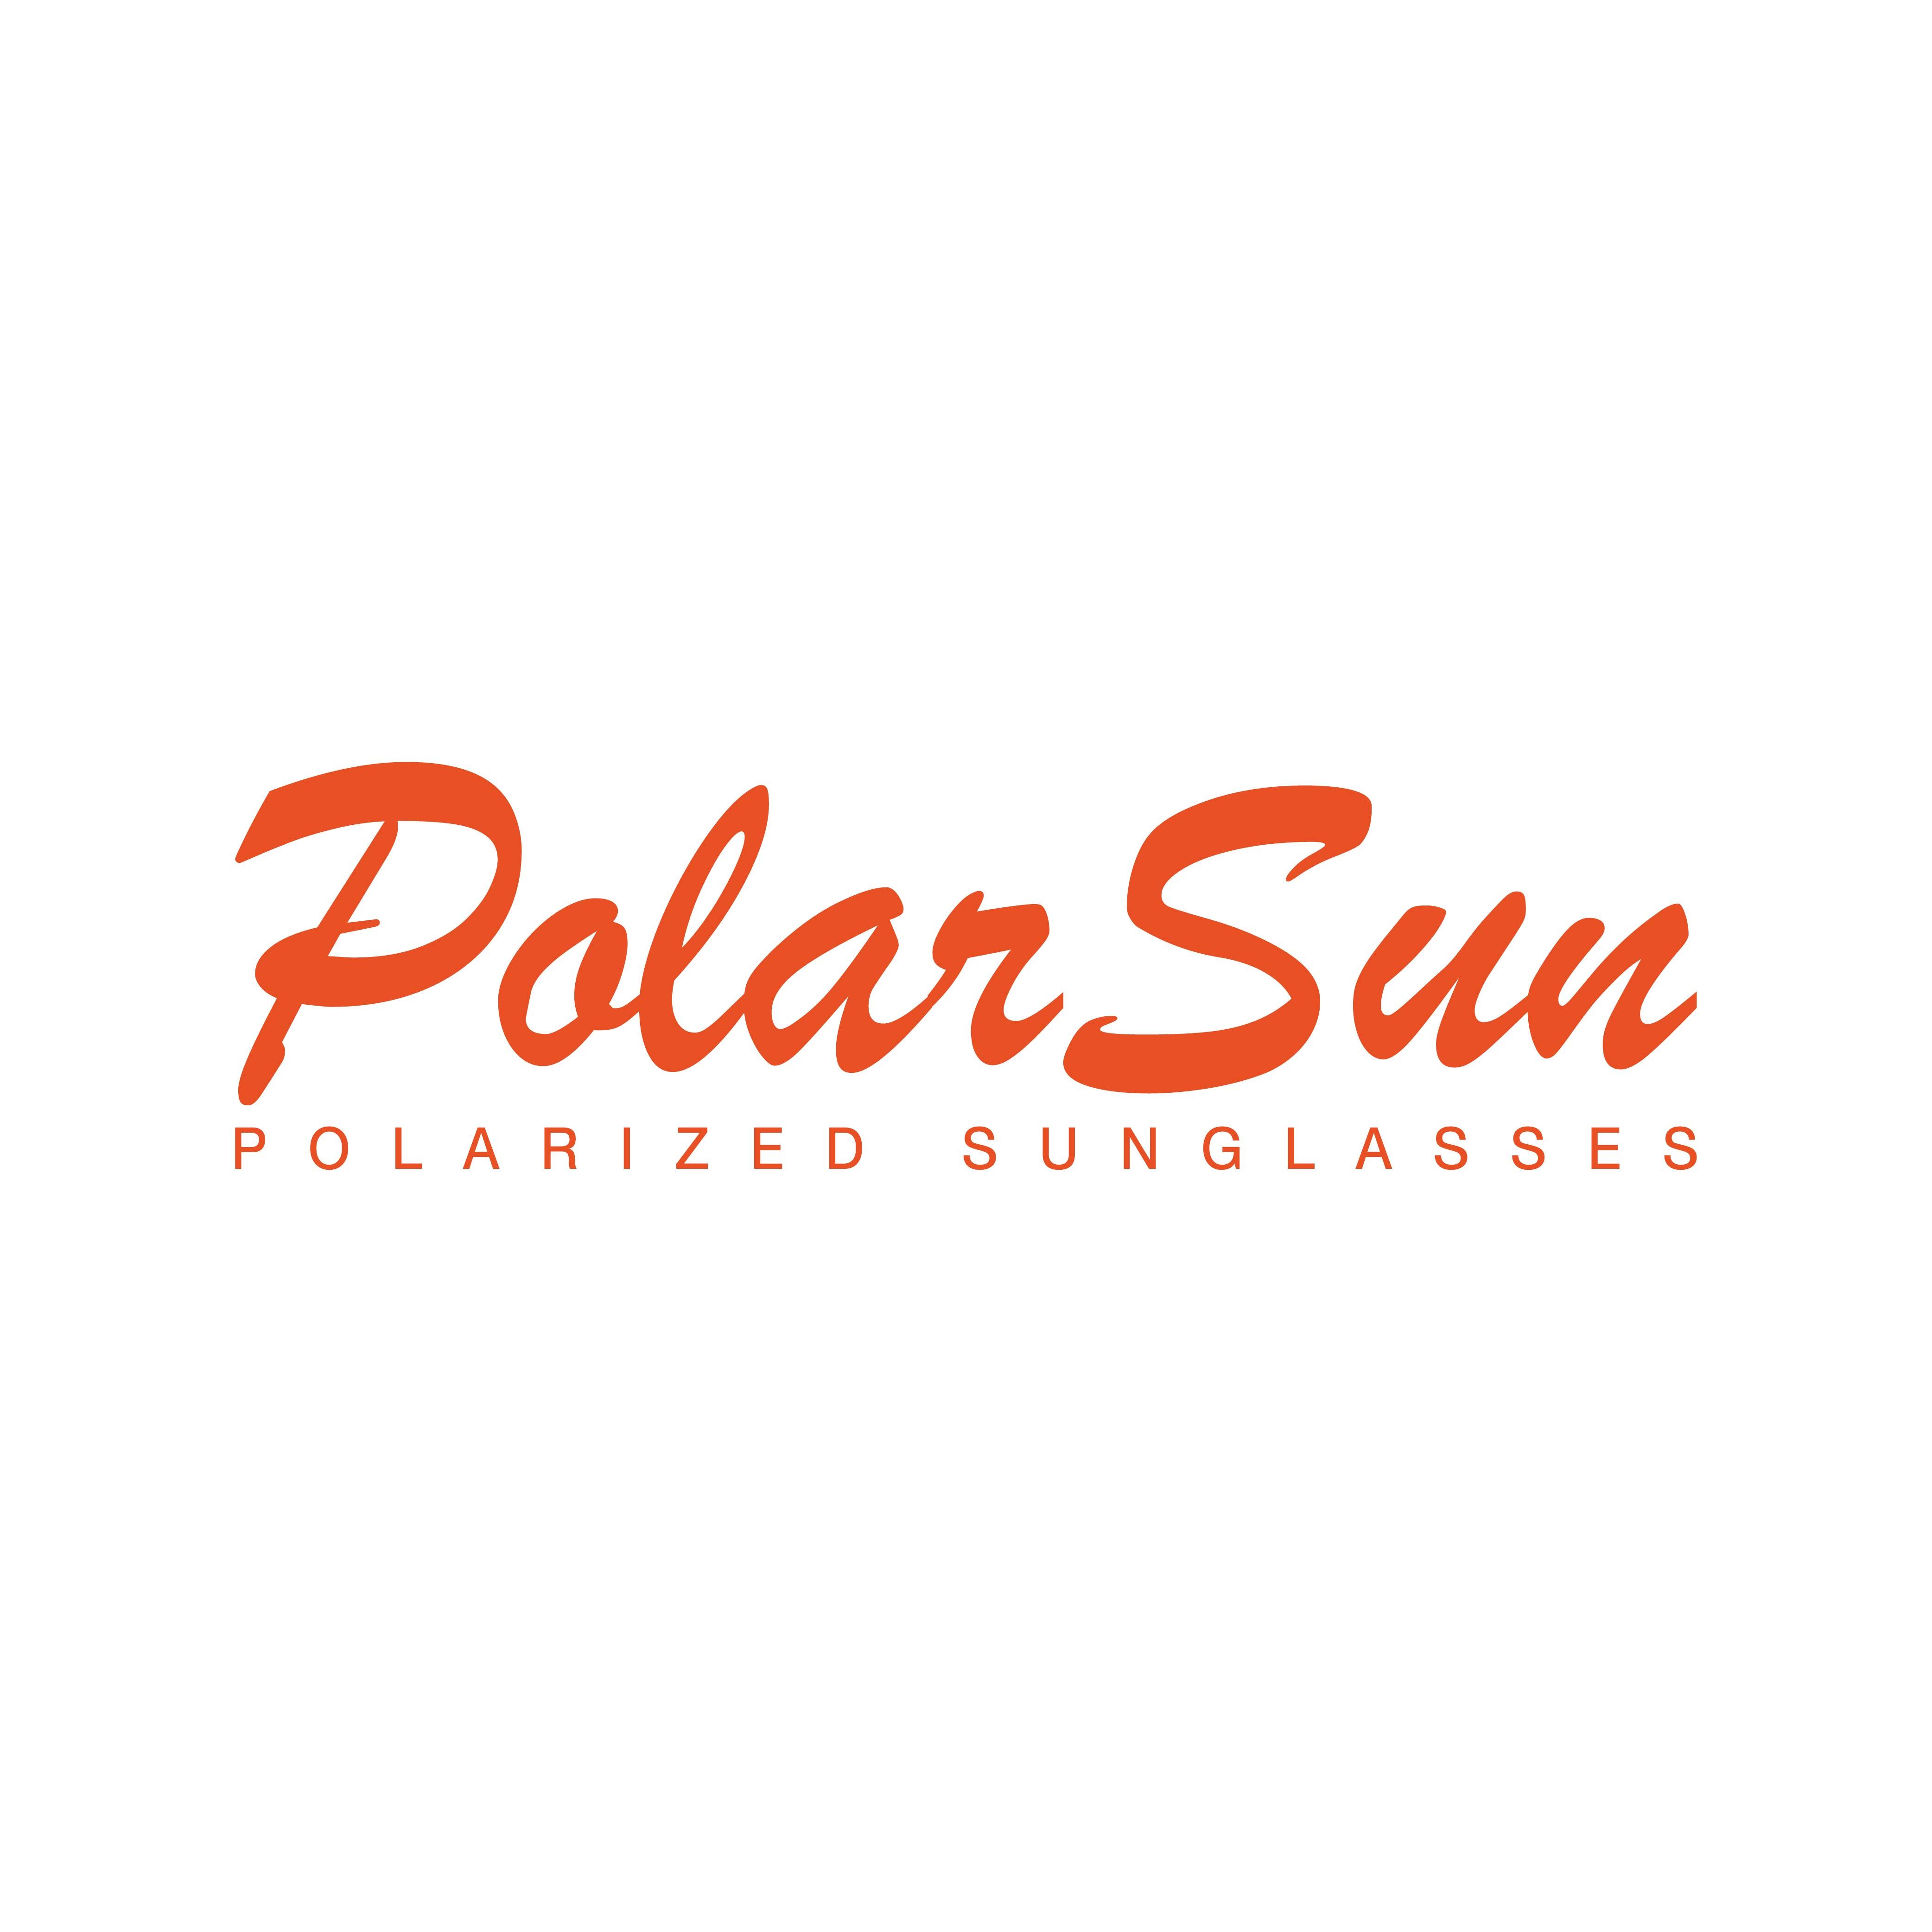 PolarSun